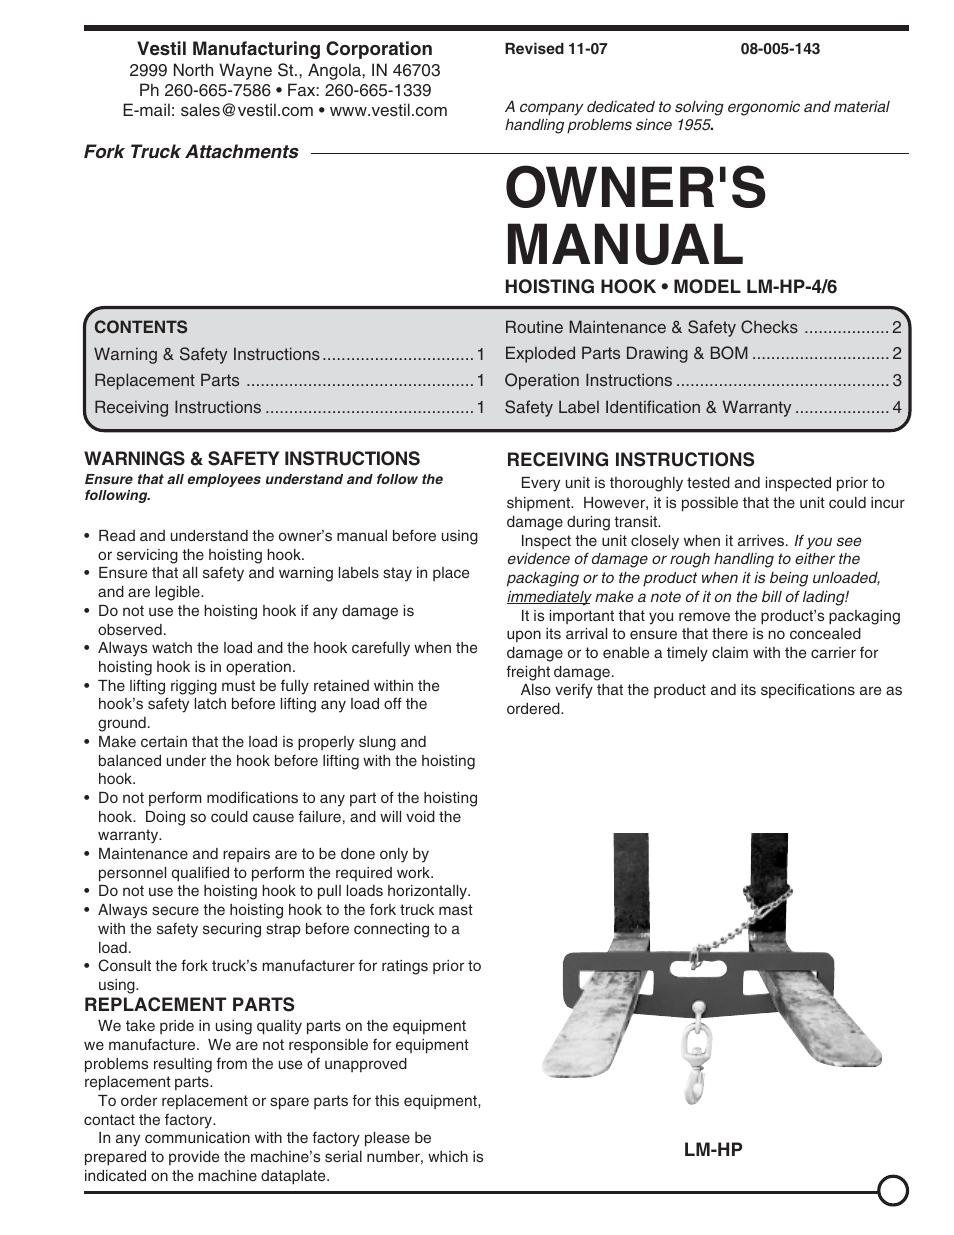 vestil lm hp 4 6 user manual 4 pages original mode rh manualsdir com hp owner manuals online hp owner's manuals